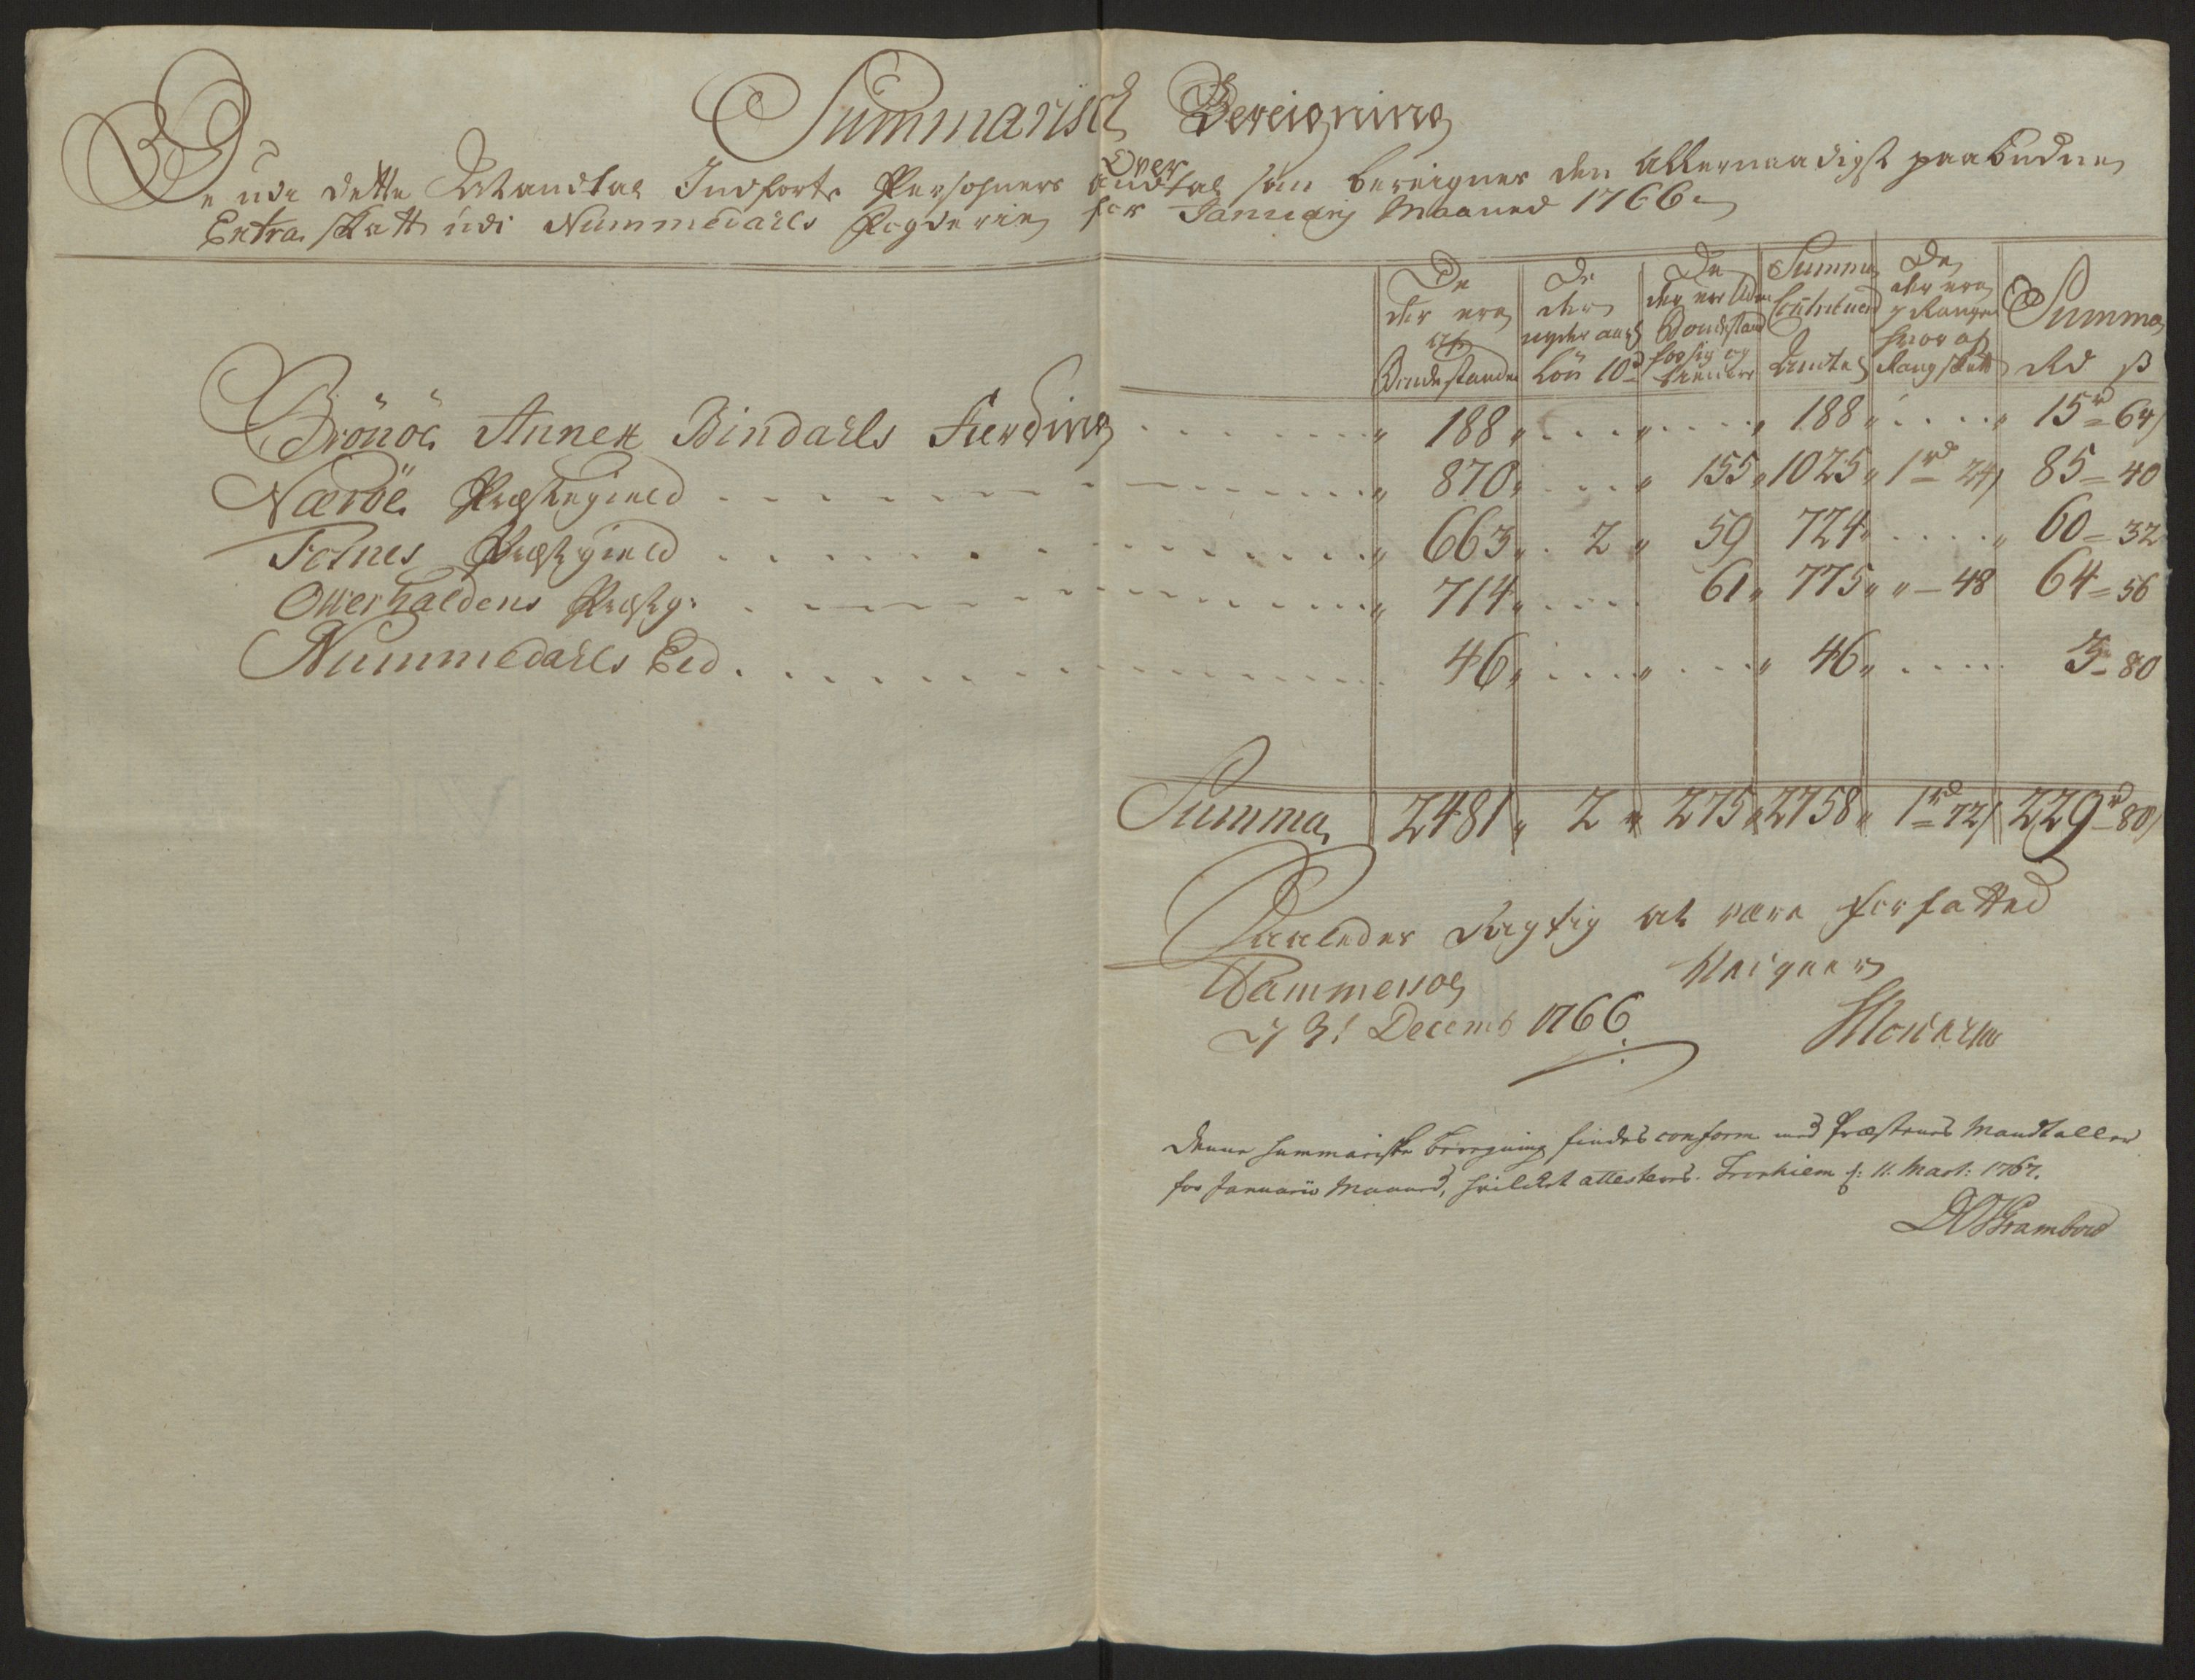 RA, Rentekammeret inntil 1814, Reviderte regnskaper, Fogderegnskap, R64/L4502: Ekstraskatten Namdal, 1762-1772, s. 221